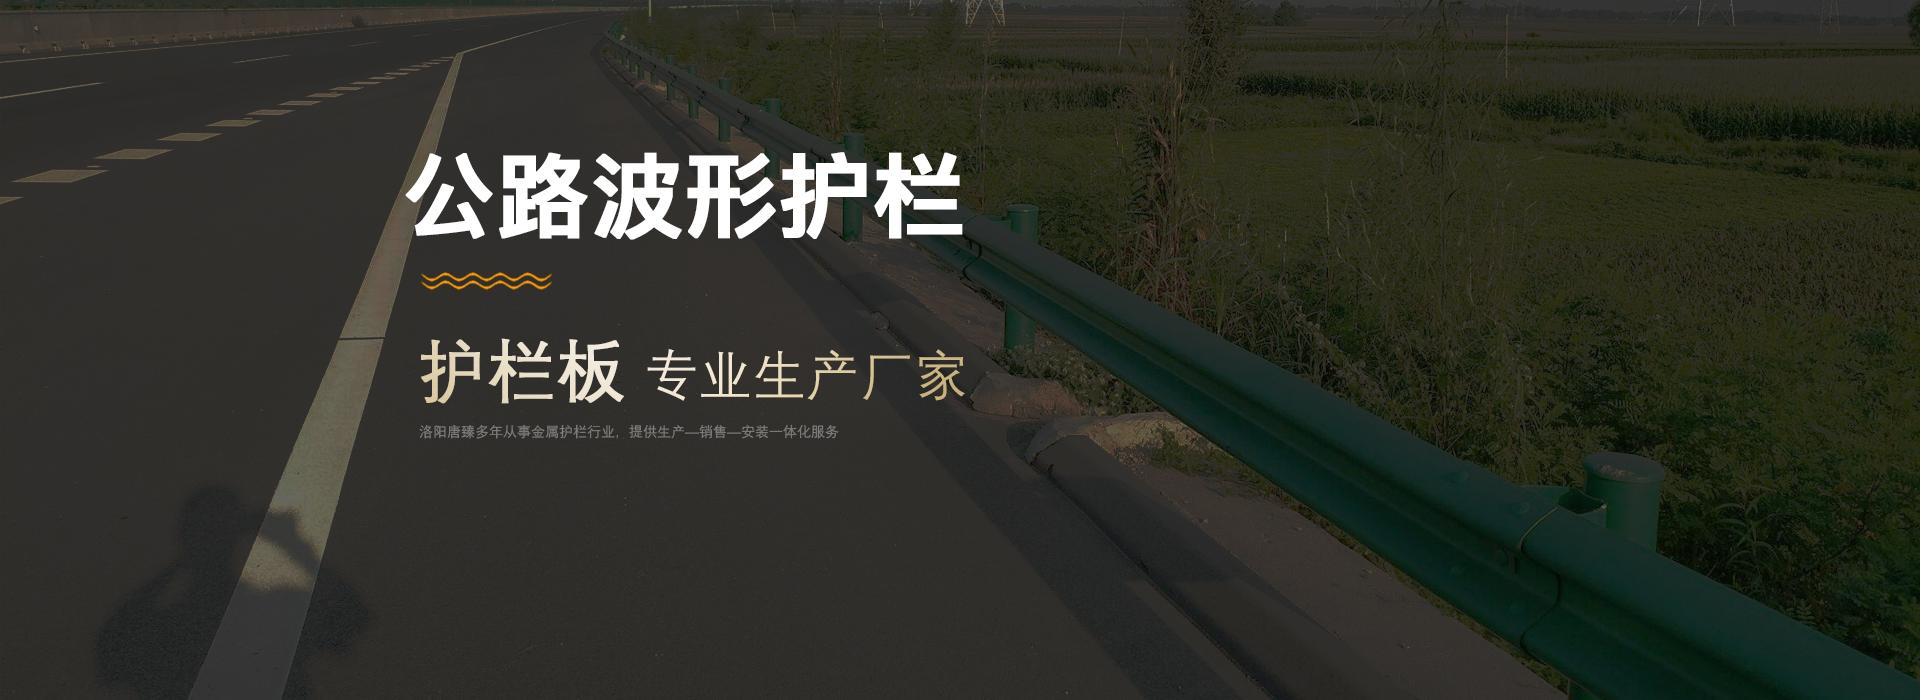 洛阳唐臻金属制品有限公司